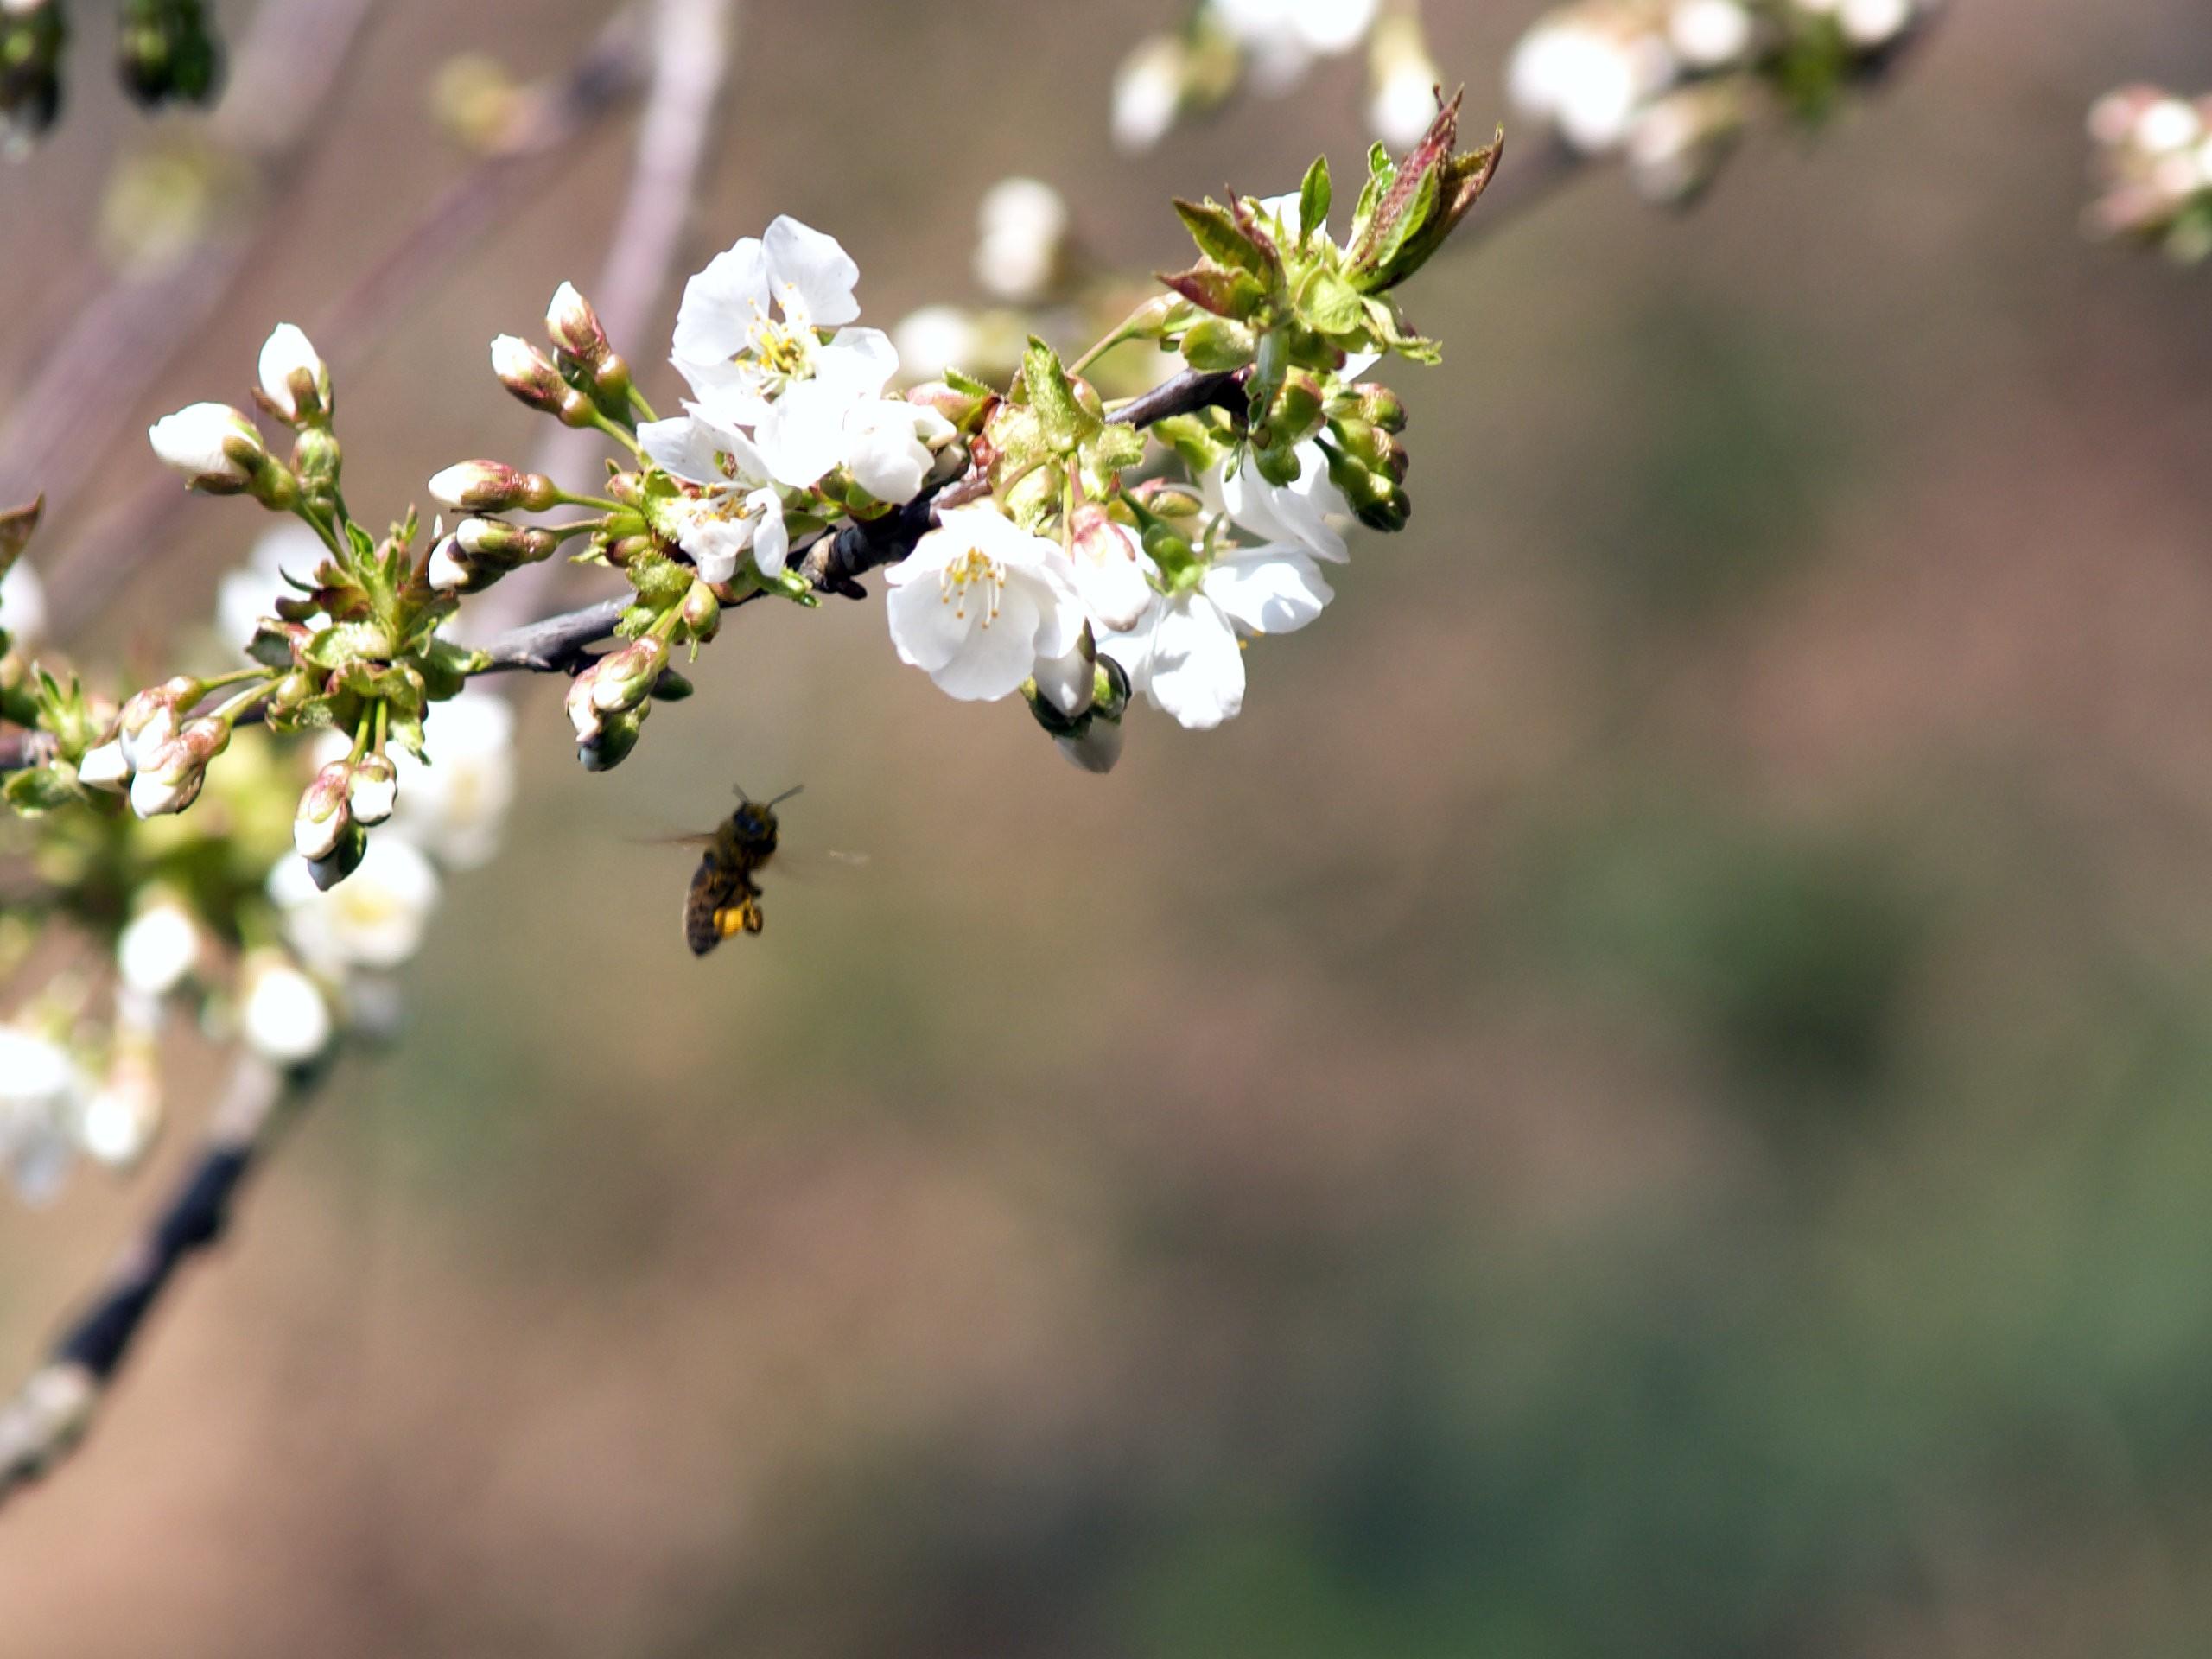 Honig im Online Shop kaufen und die Natur unterstützen